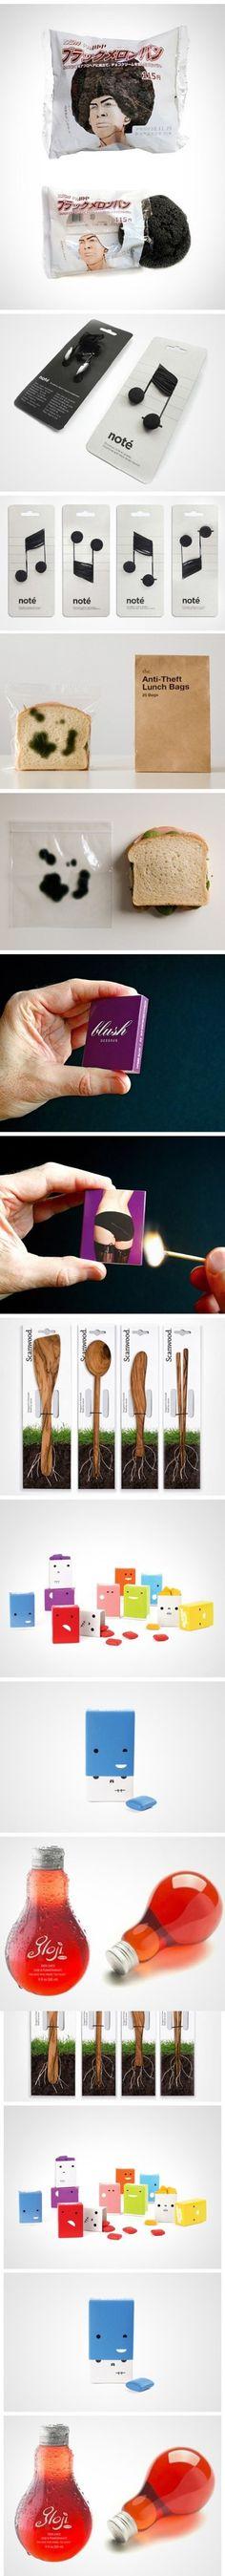 一组创意包装设计